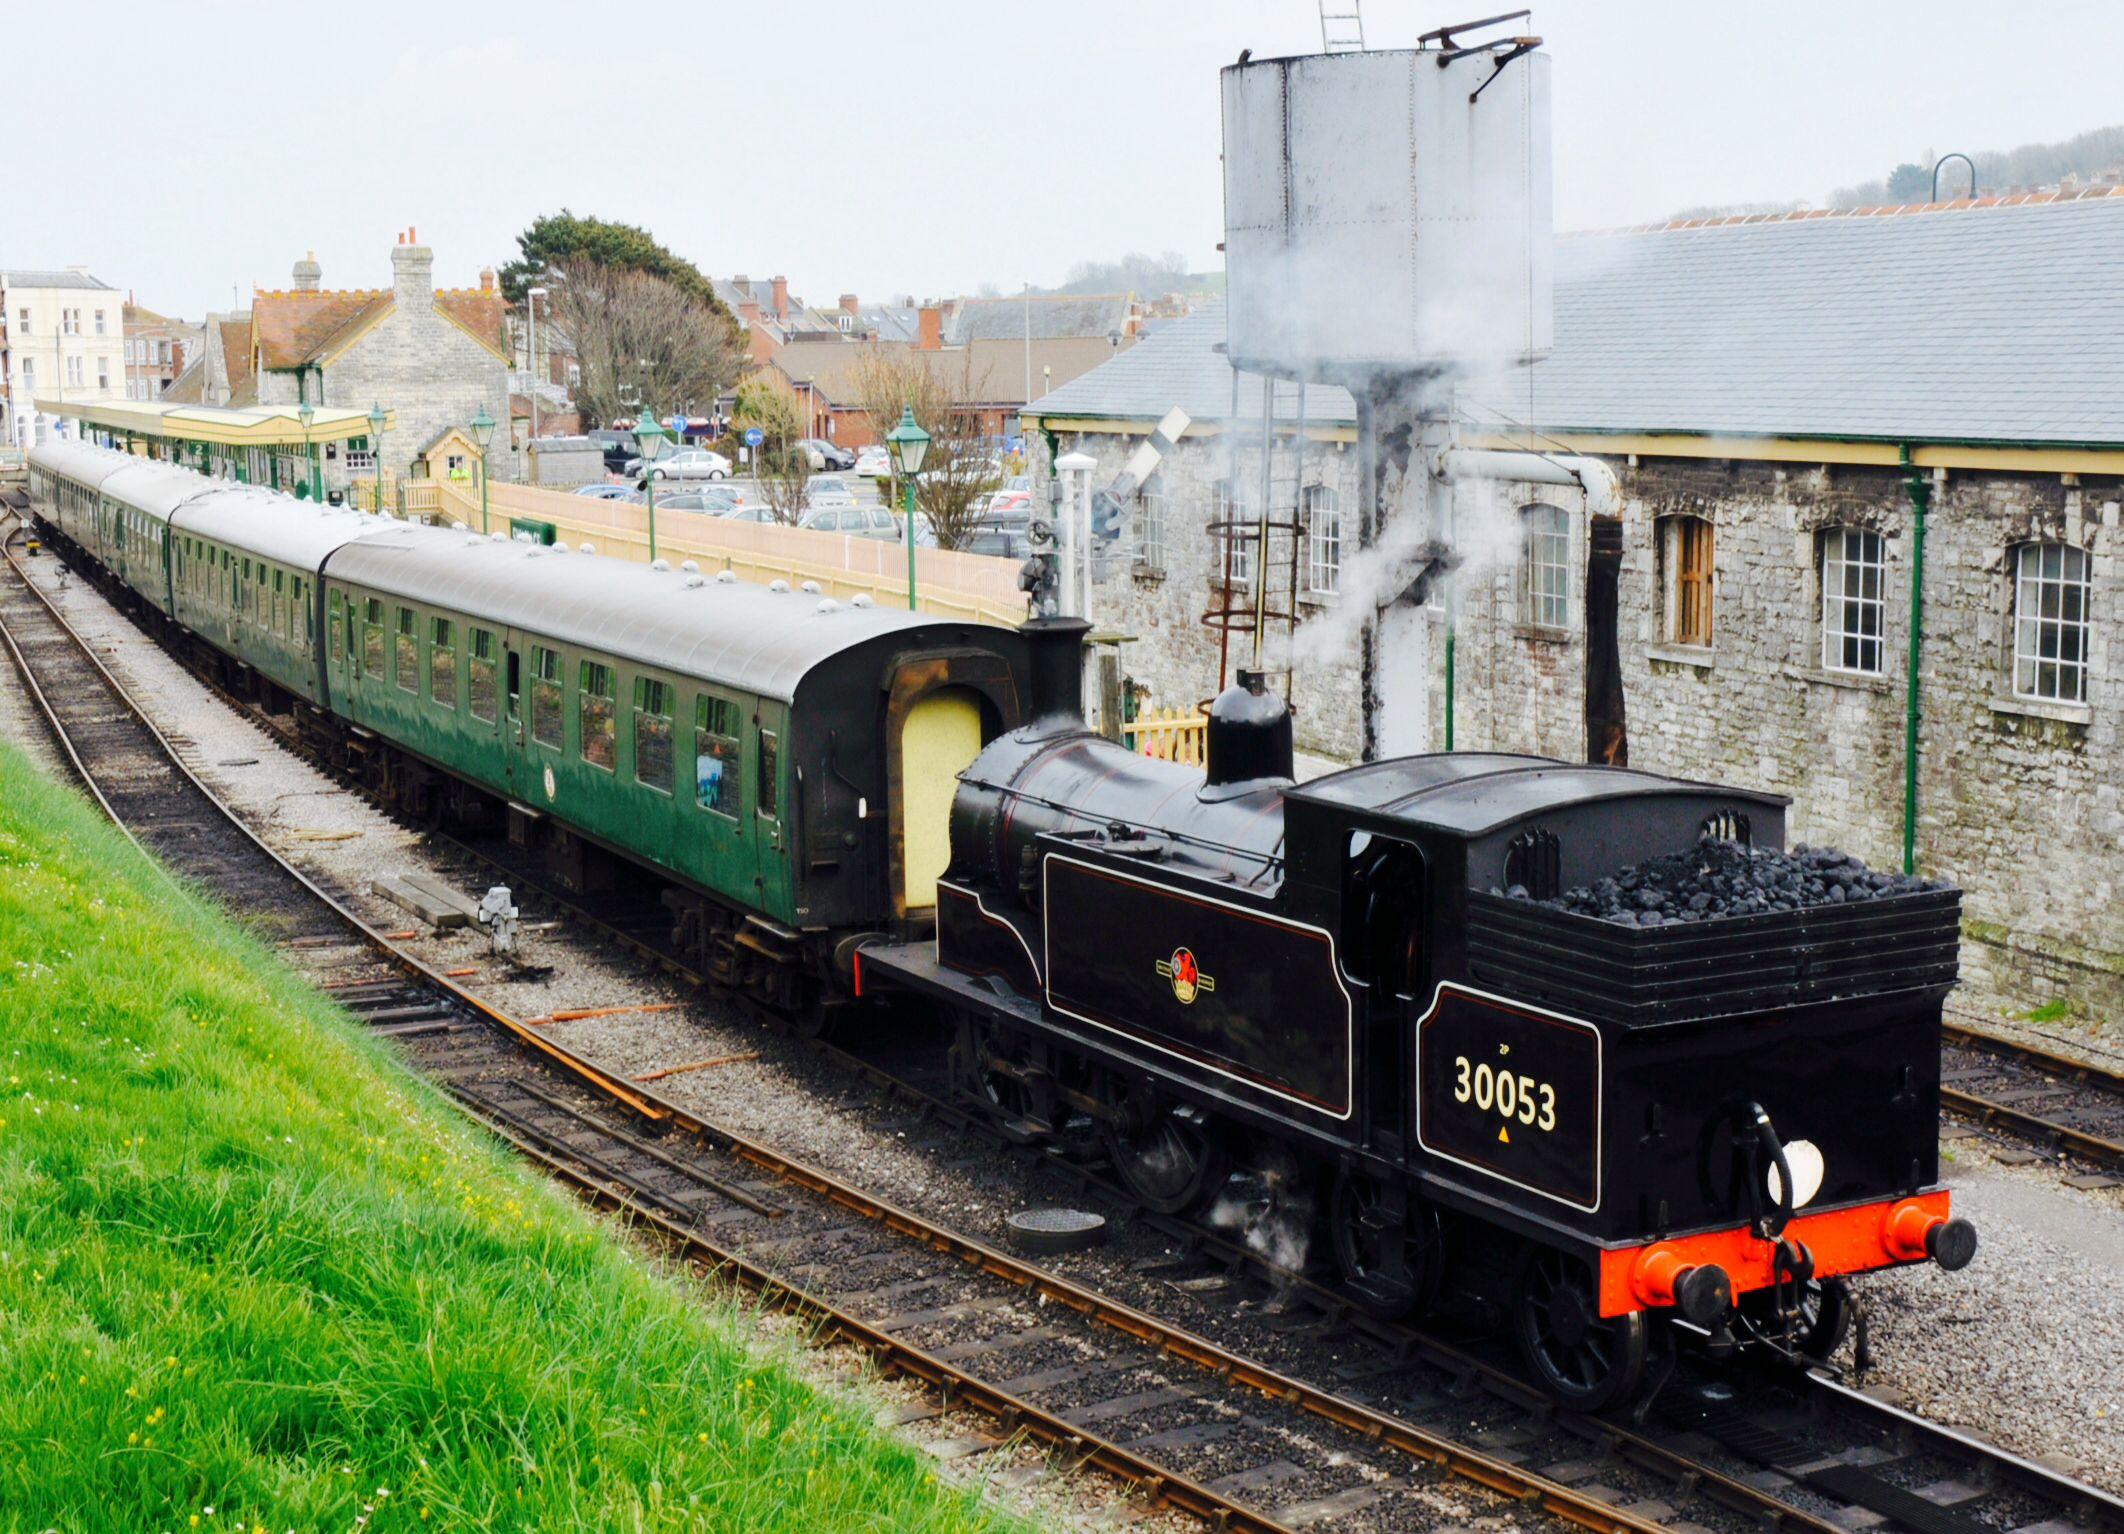 Swanage railway. Dorset   Train, Railway, Dorset